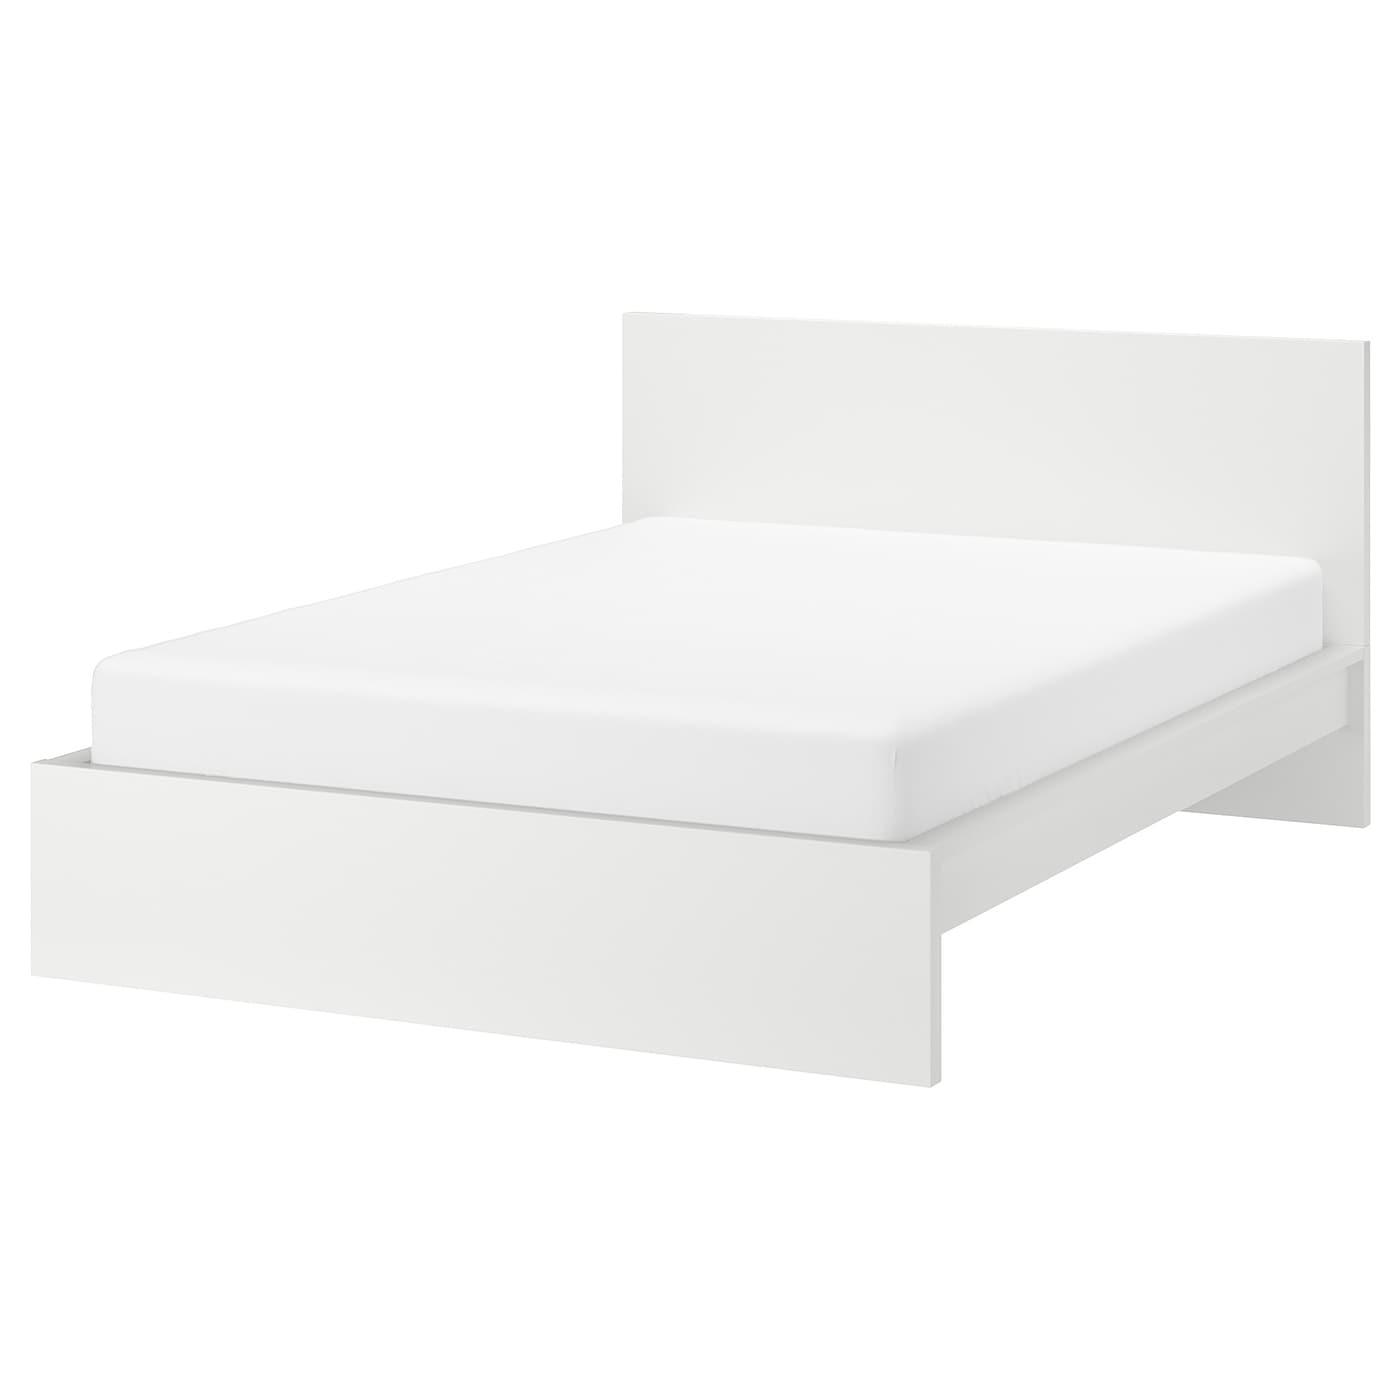 Full Size of Bettgestell 120x200 Malm Hoch Wei Ikea Deutschland Bett Weiß Betten Mit Bettkasten Matratze Und Lattenrost Wohnzimmer Bettgestell 120x200